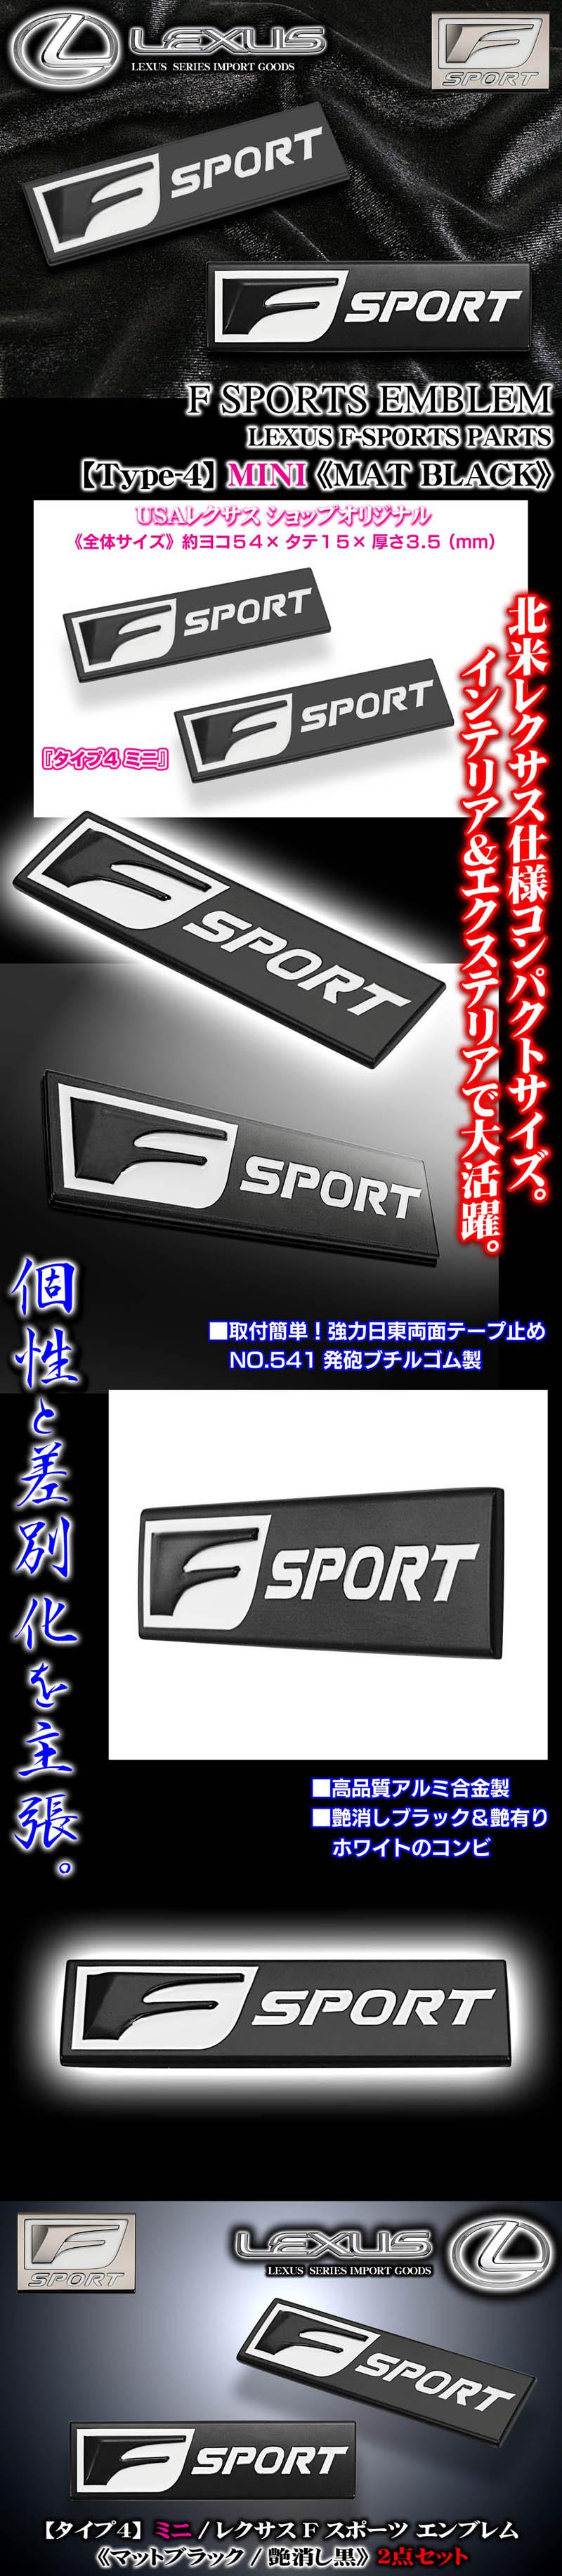 《タイプ4》マットブラック2個【ミニ/Fスポーツ/50×15mm】レクサス汎用3Dエンブレムメタル F-SPORTS北米LEXUSショップパーツ/ブラガ